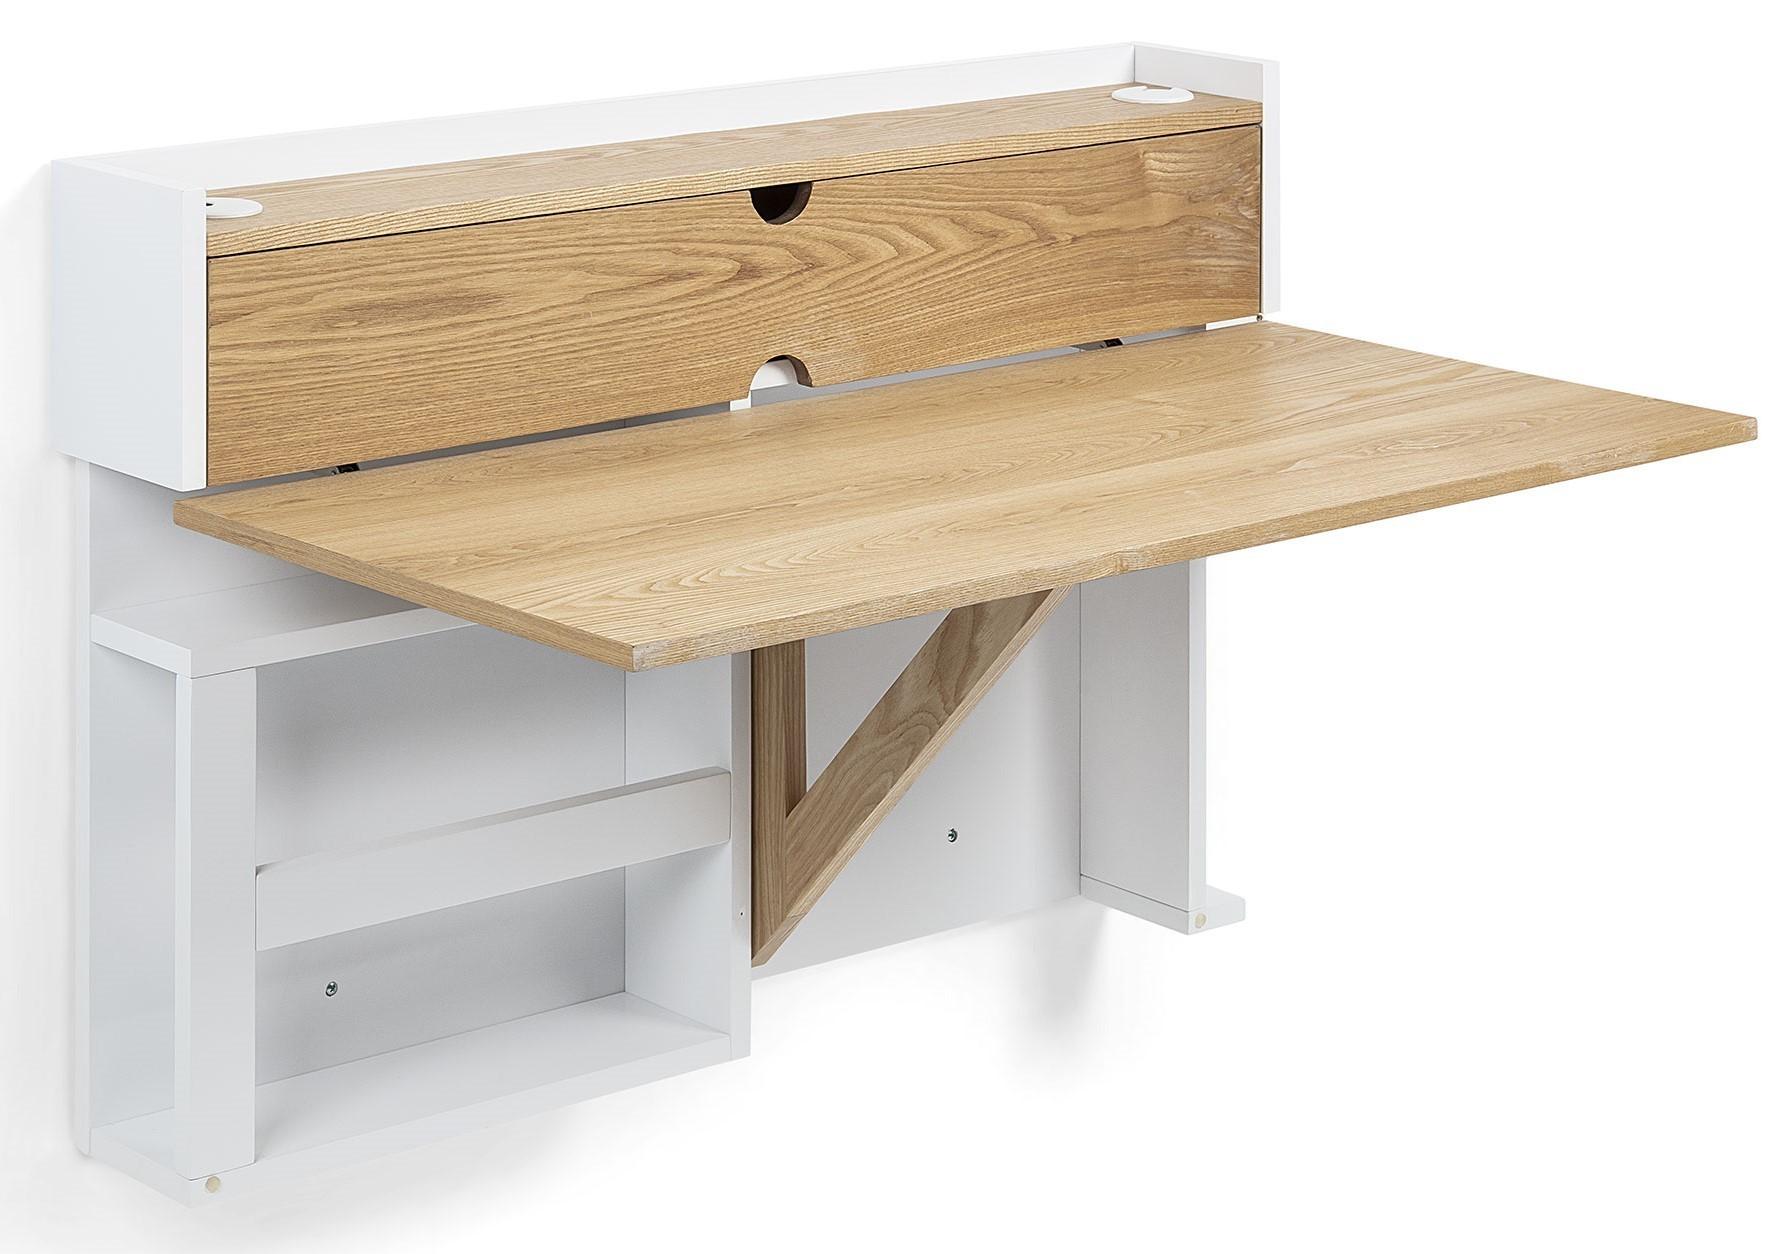 Scrivania In Legno Chiaro : Creta tavolo scrivania ribaltabile in legno di frassino e laccato